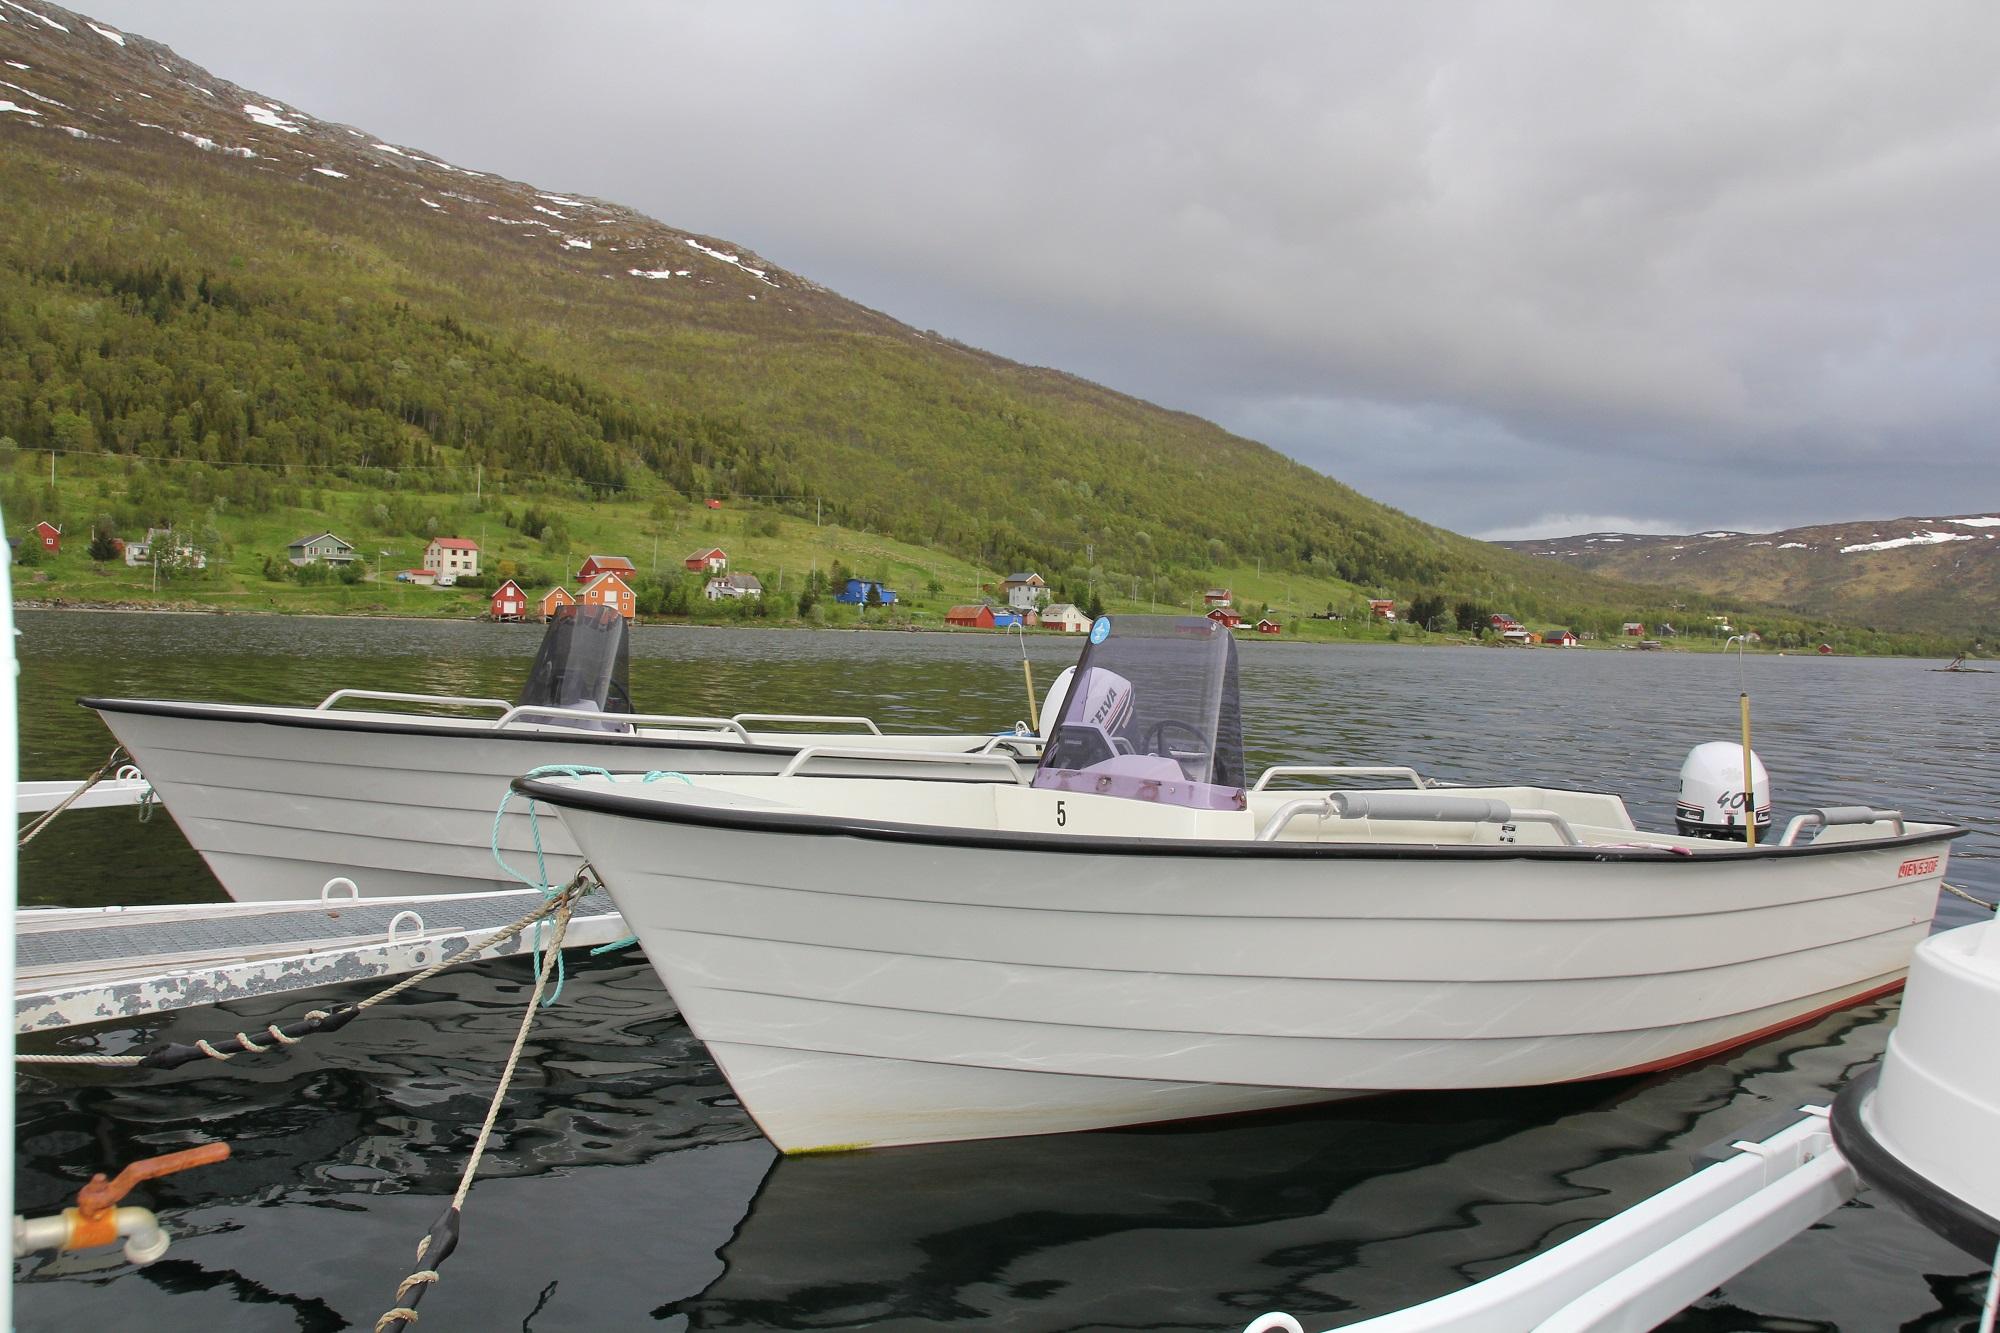 Leere Boote durch Corona-Pandemie in Norwegen: doch wie lange noch?